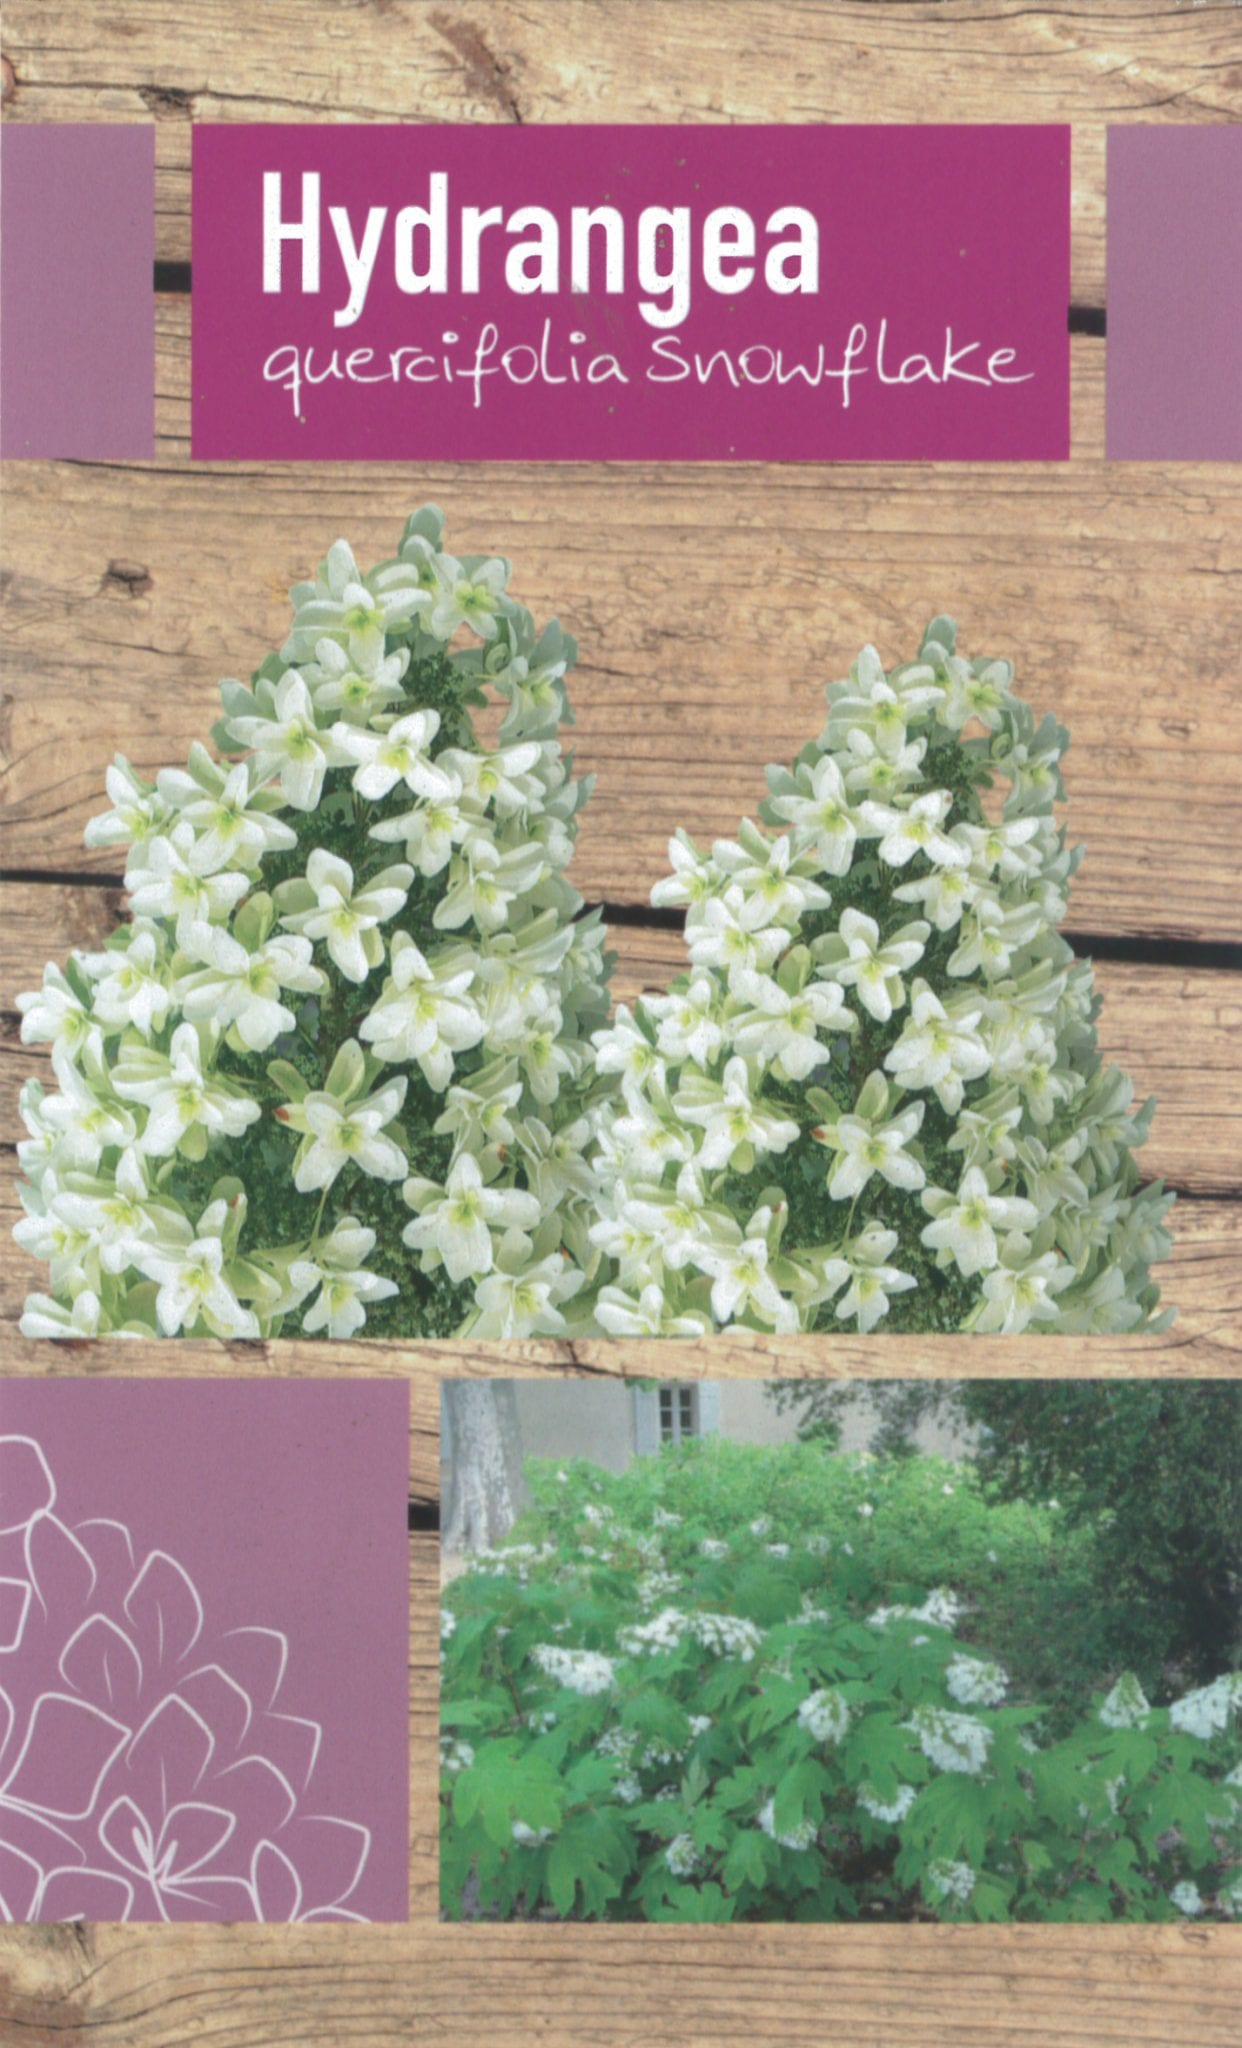 De Hydrangea Quercifolia 'Snowflake' etiket voorzijde | Plants By Nature - gespecialiseerd in hydrangea